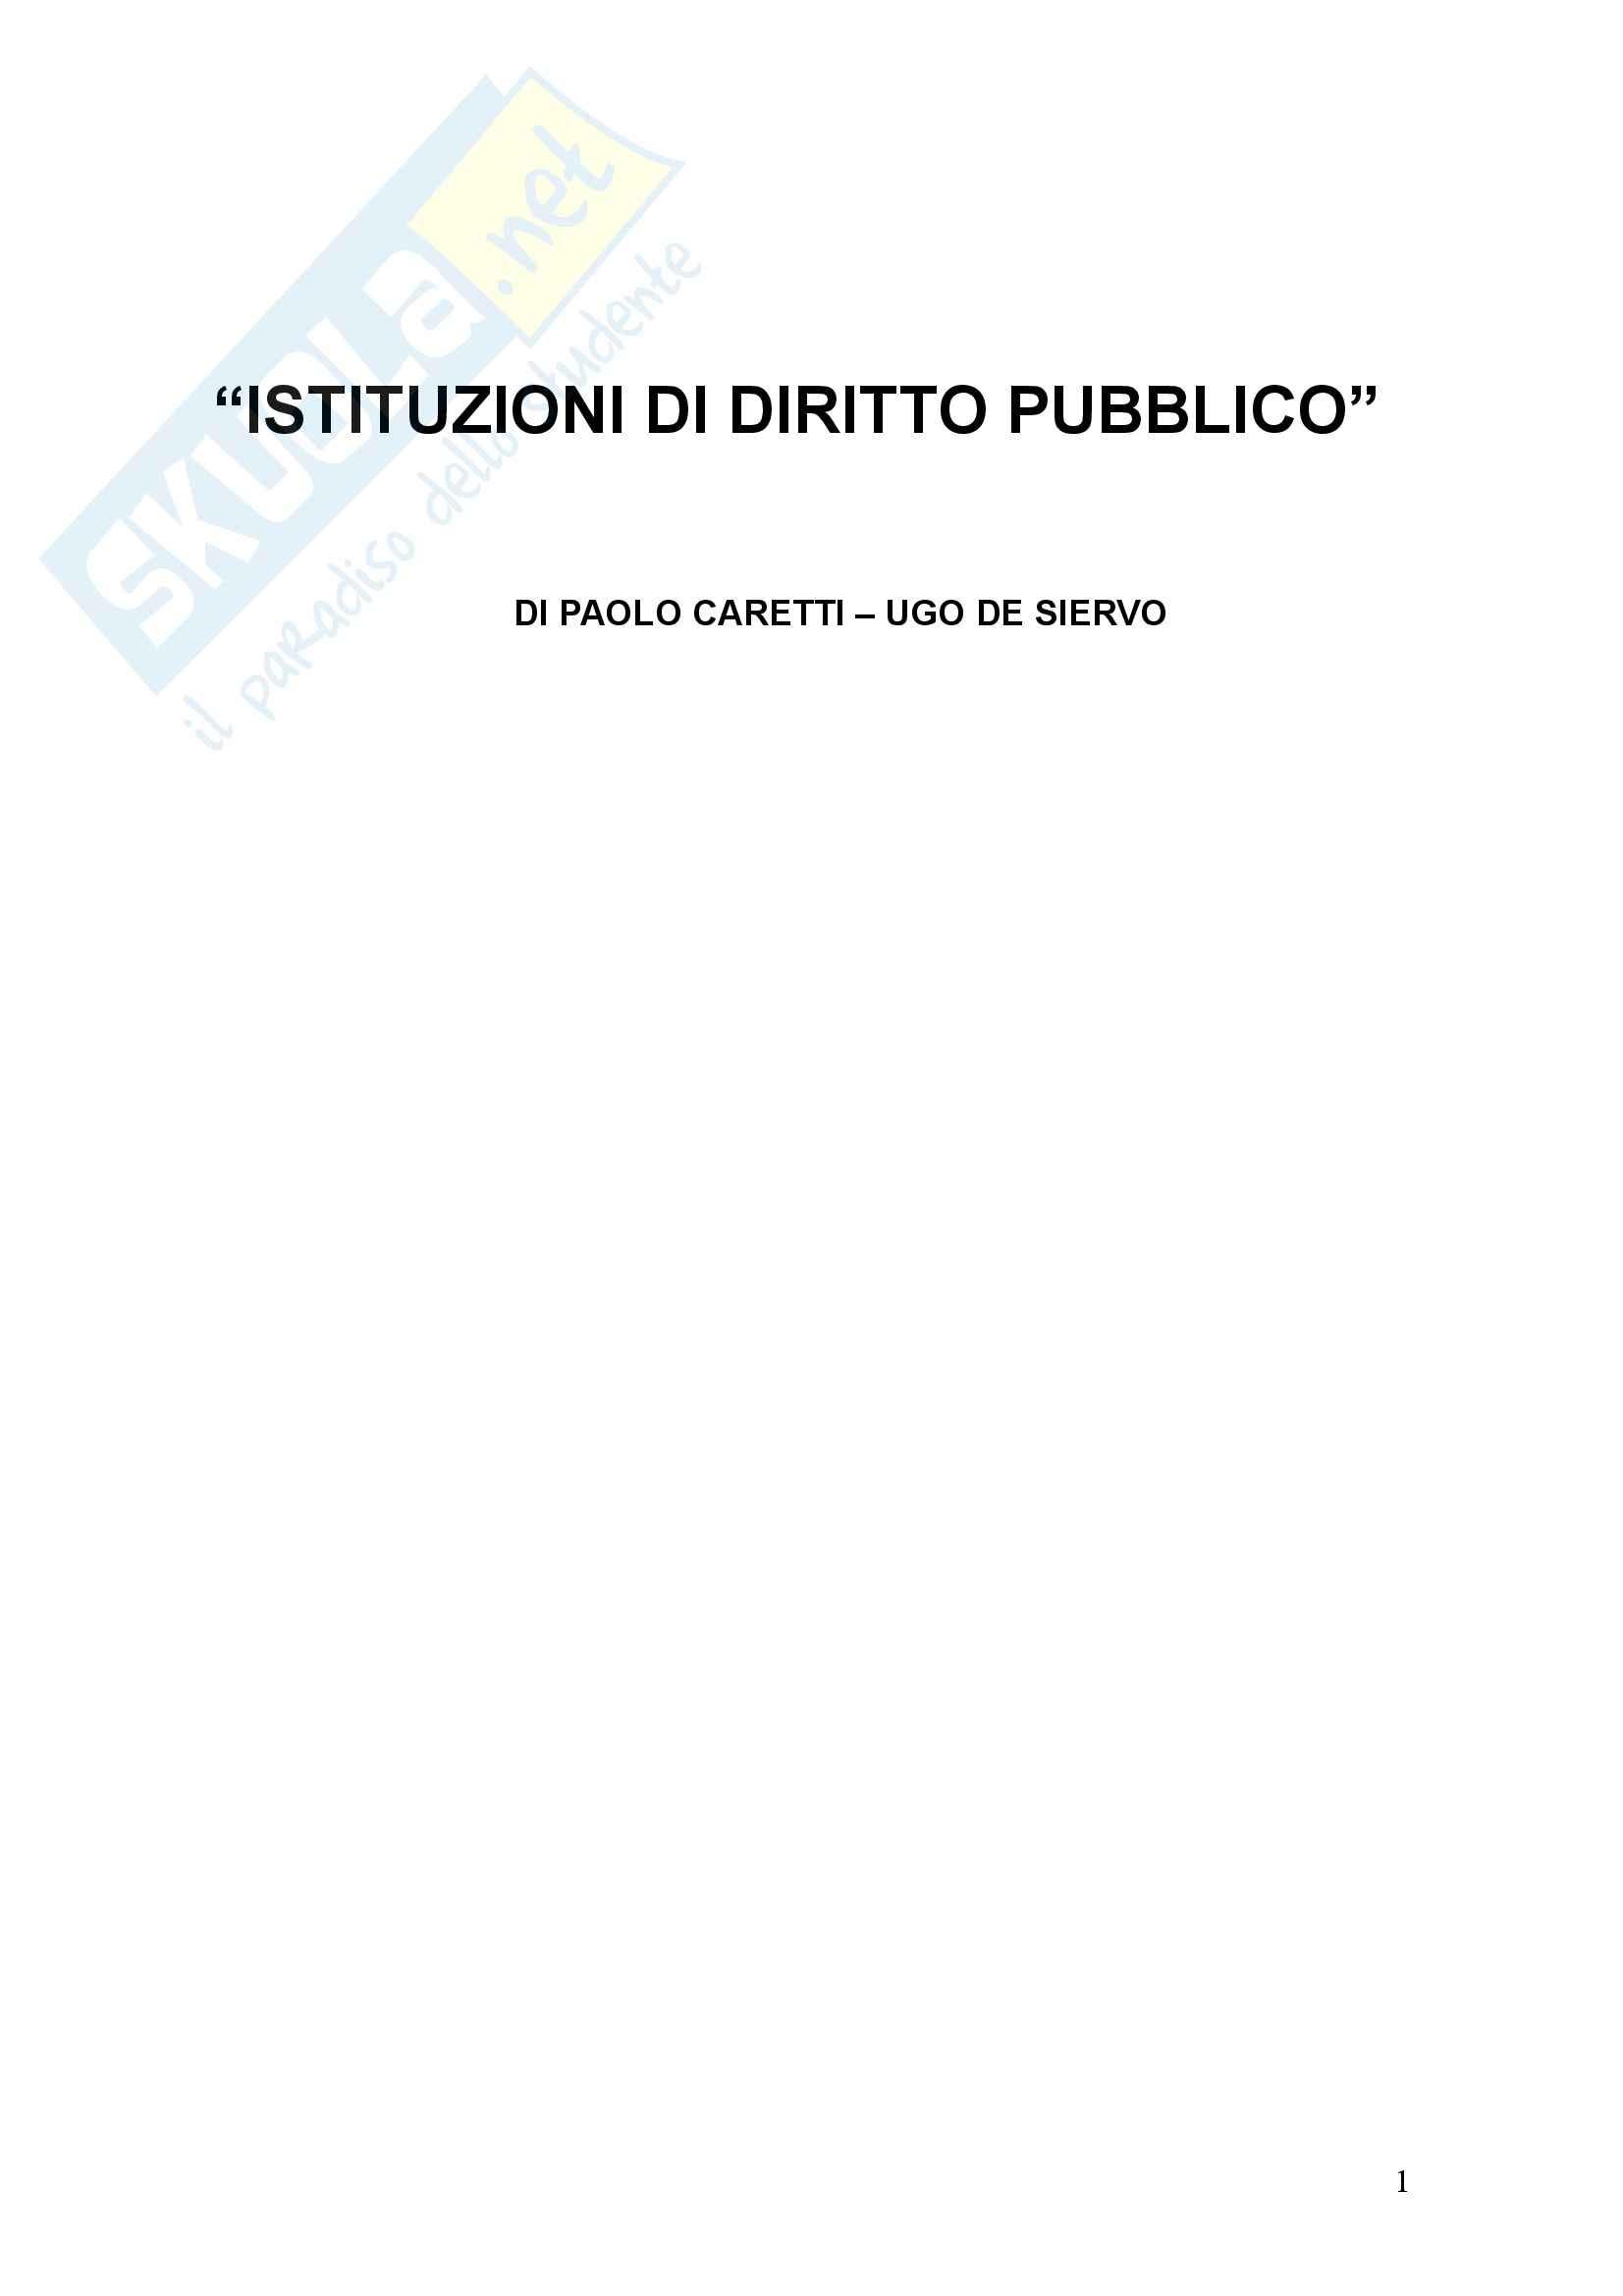 Istituzioni di diritto pubblico - Caretti, De Siervo